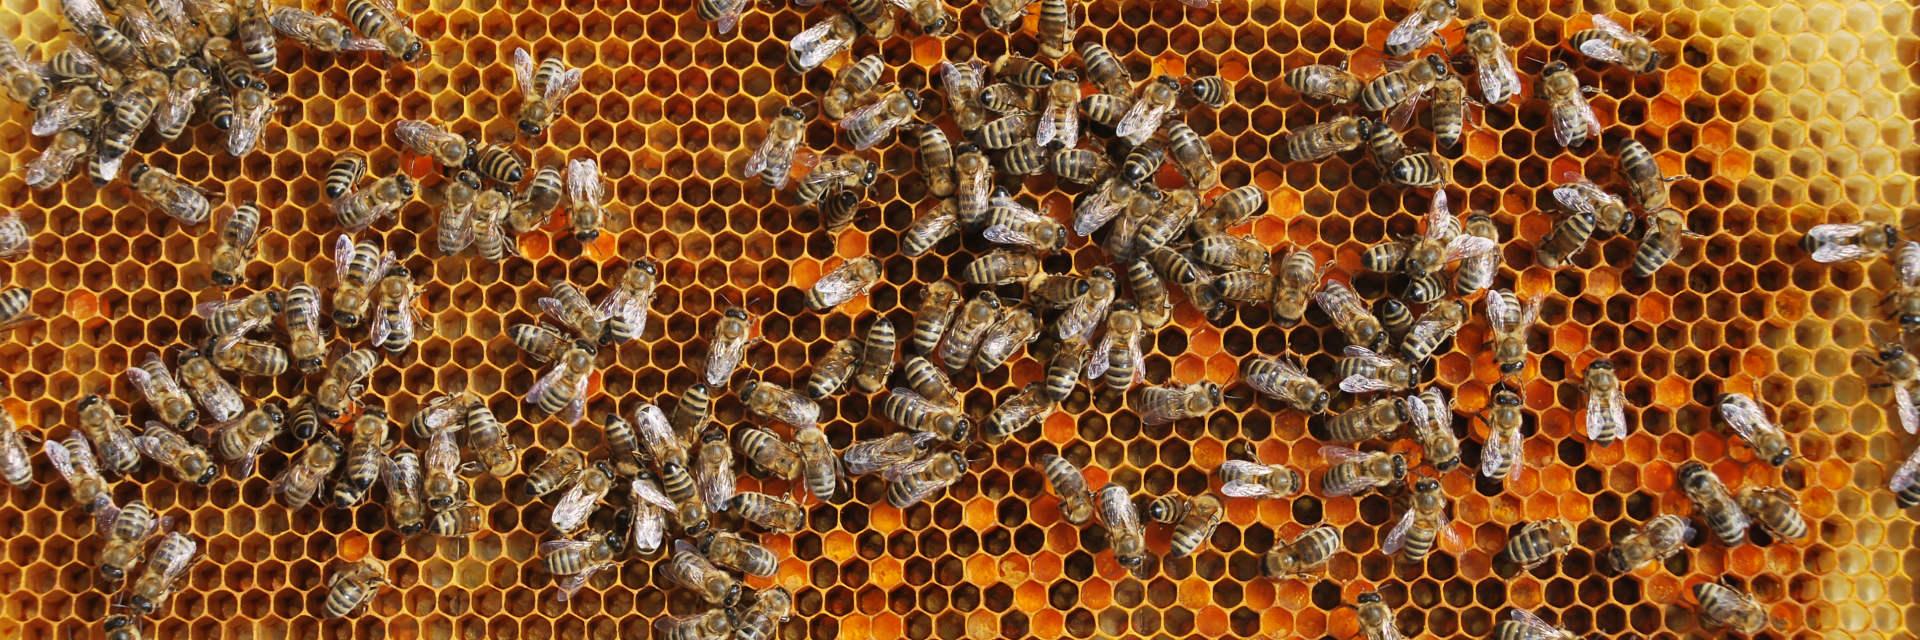 Slavnosti s naším medovým stánkem